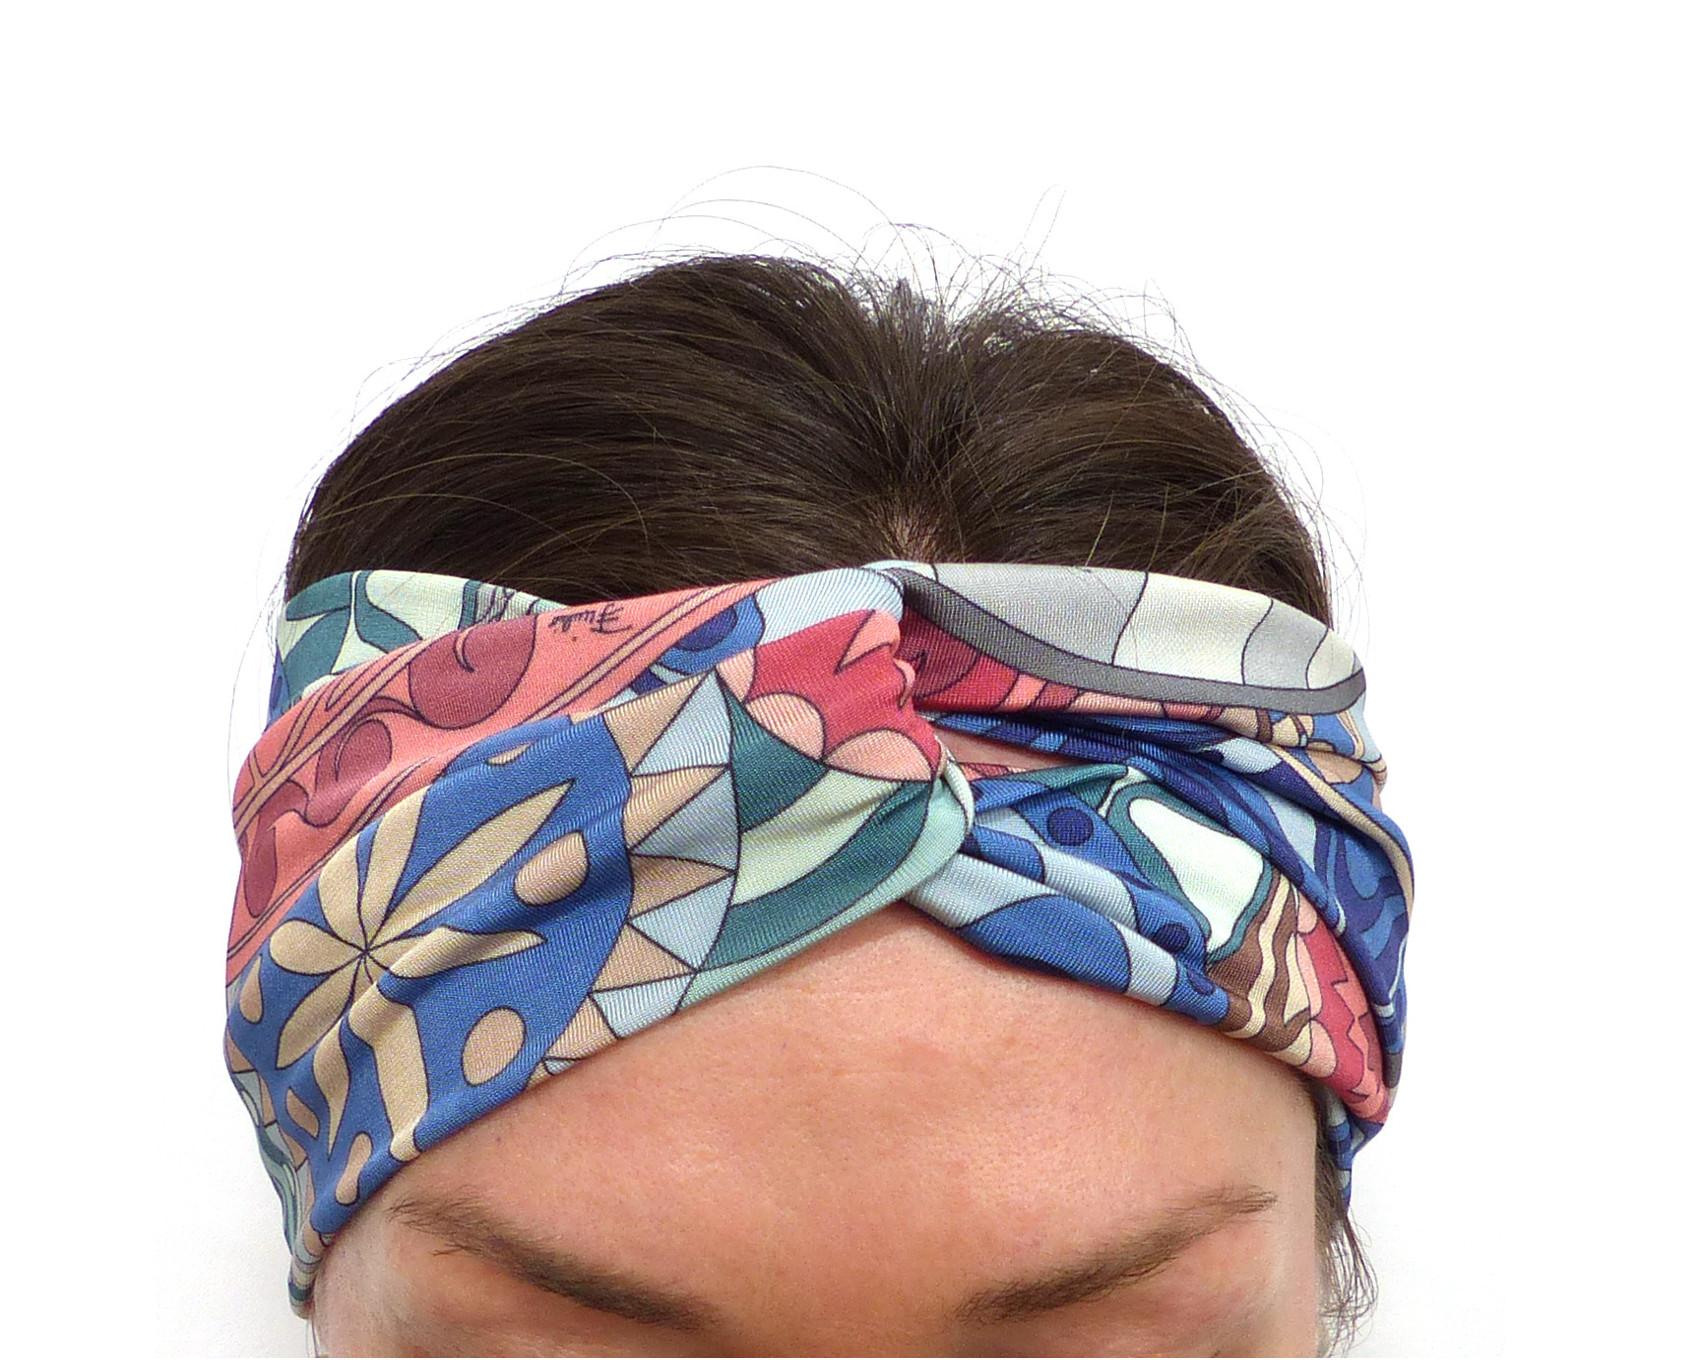 beaucoup à la mode large choix de couleurs pas cher SOIE stretch Bandeau à Cheveux bleu vert rose